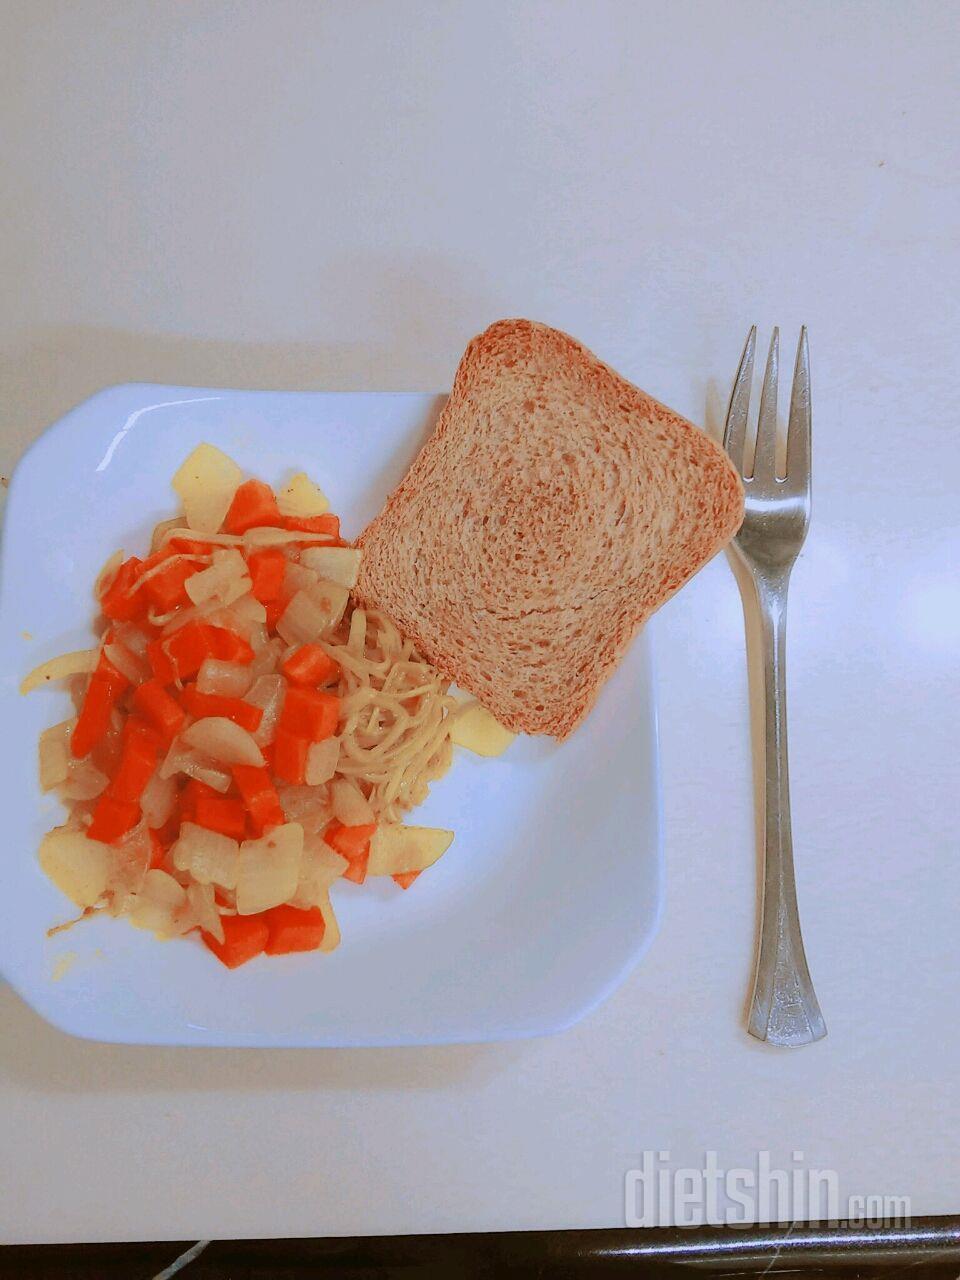 칼로리 101밖에 안되는 카레야채볶음에 토스트♥(고로케맛♥)